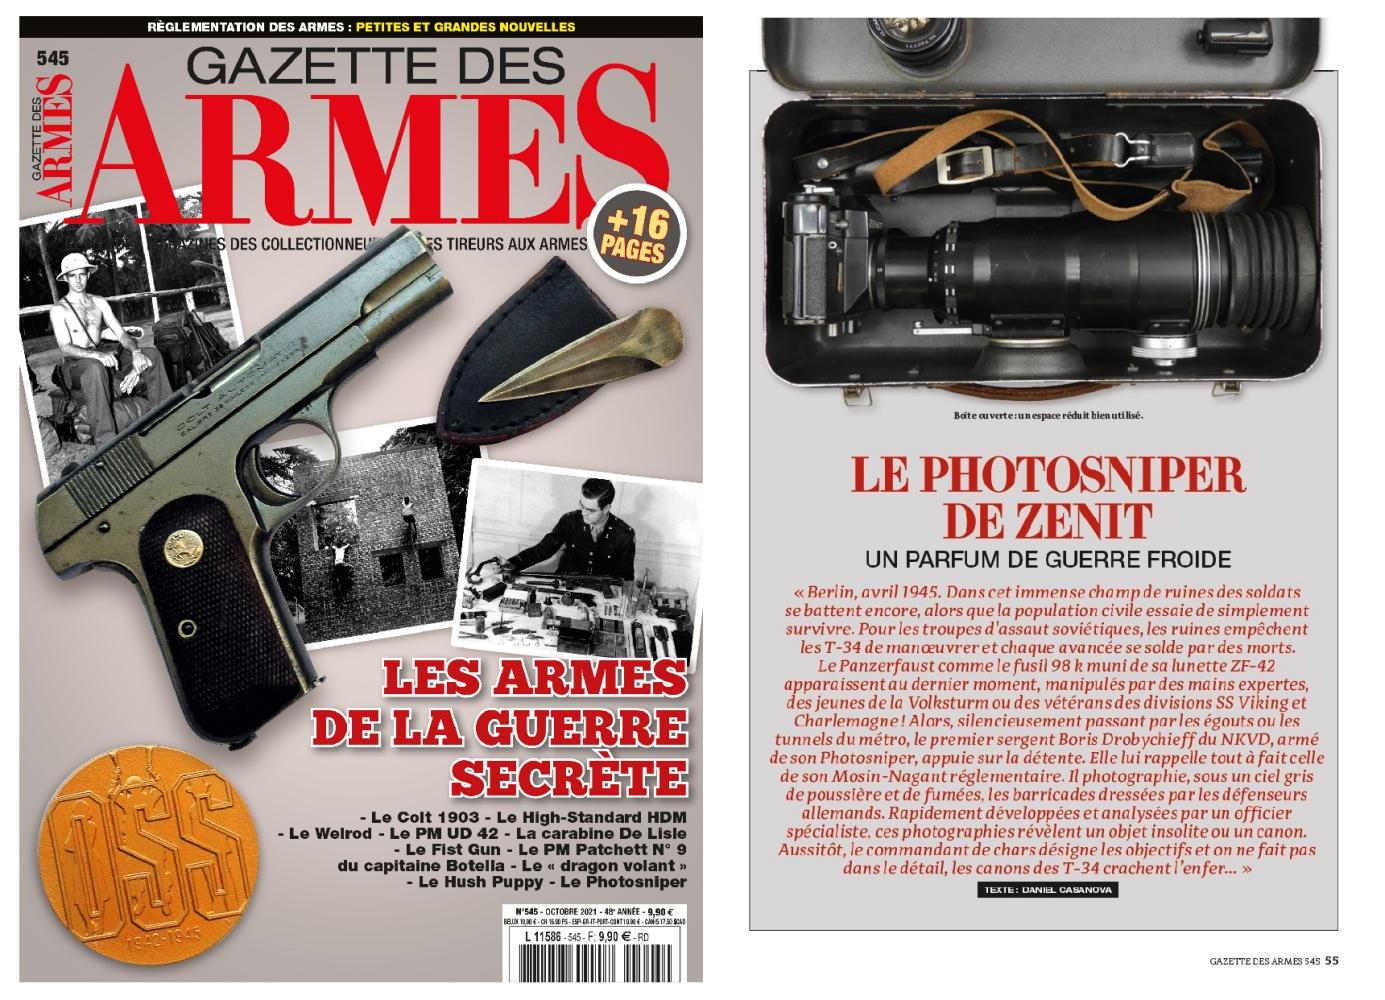 L'article consacré au fusil photographique Photosniper a été publié sur 5 pages dans le magazine Gazette des Armes n°545 (octobre 2021).